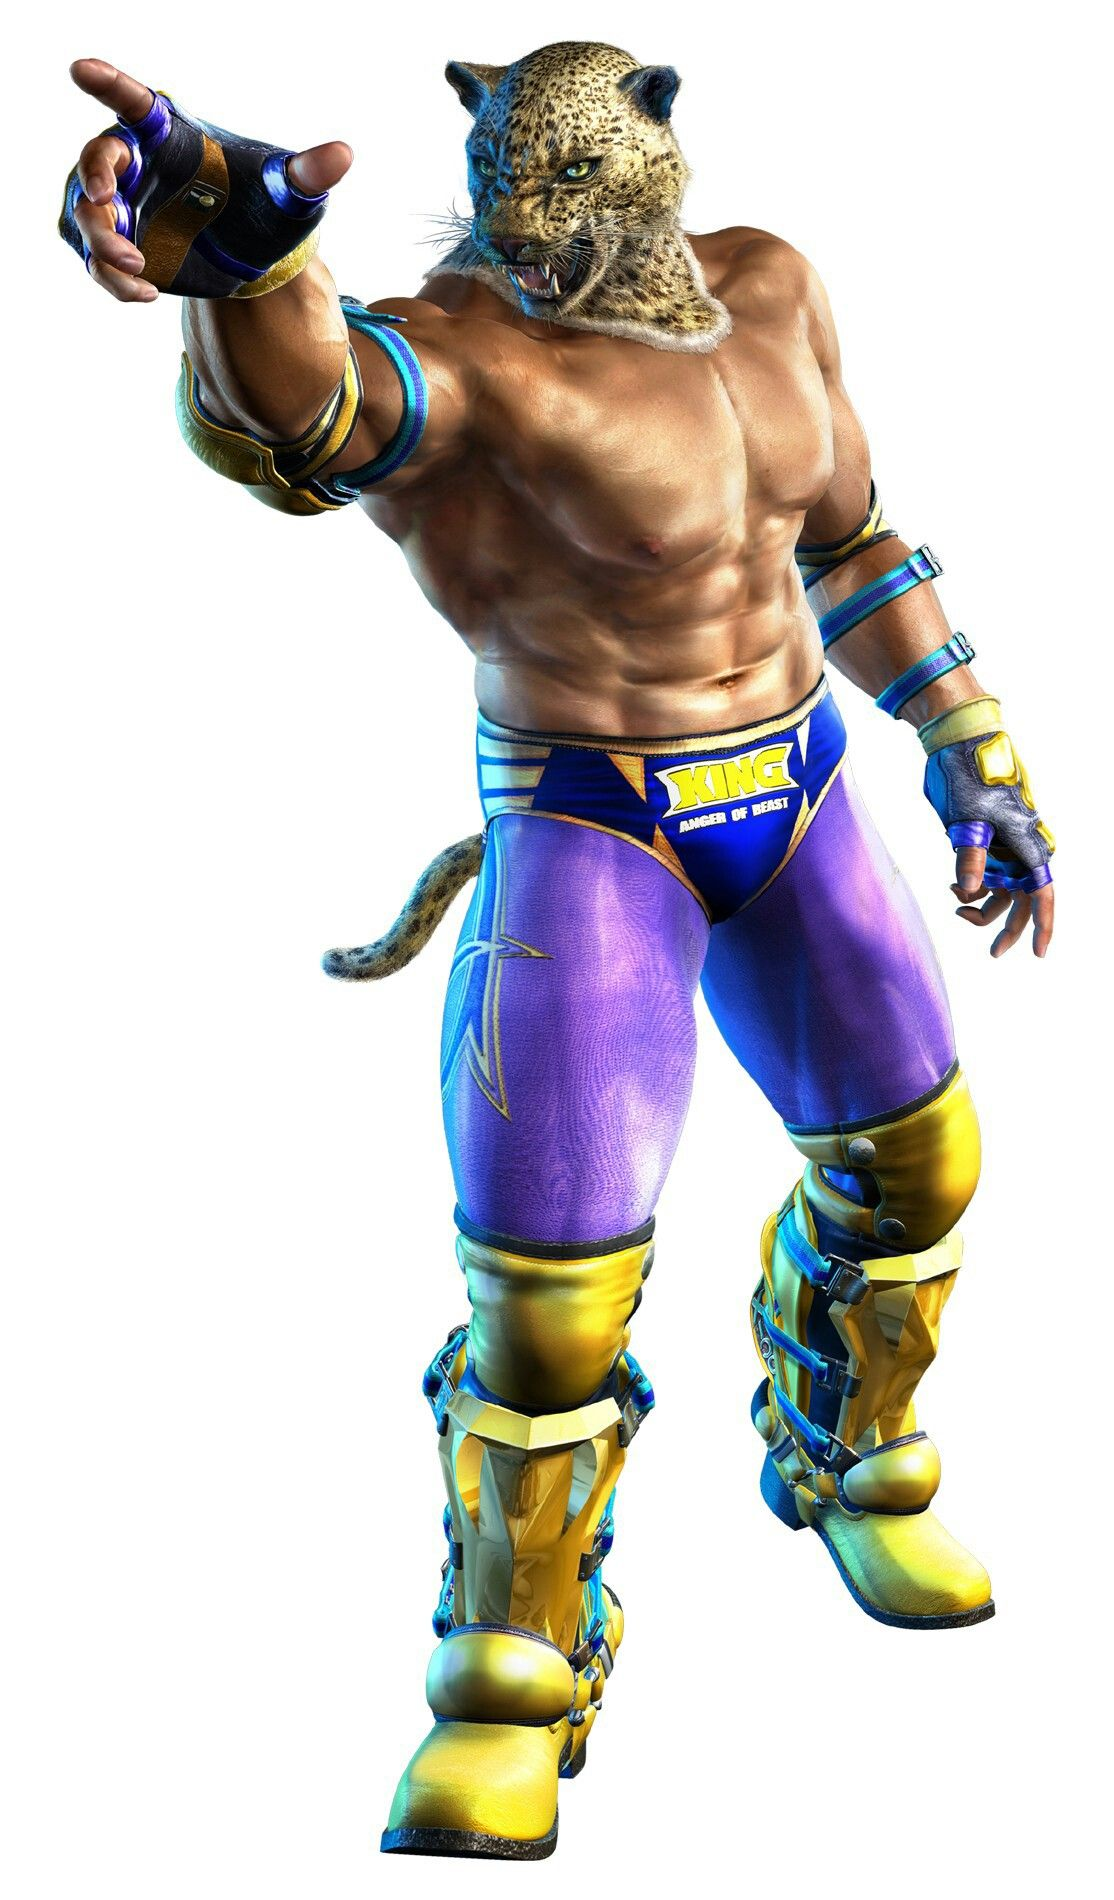 King Tekken Tag 2 Personajes De Videojuegos Juego De Pelea